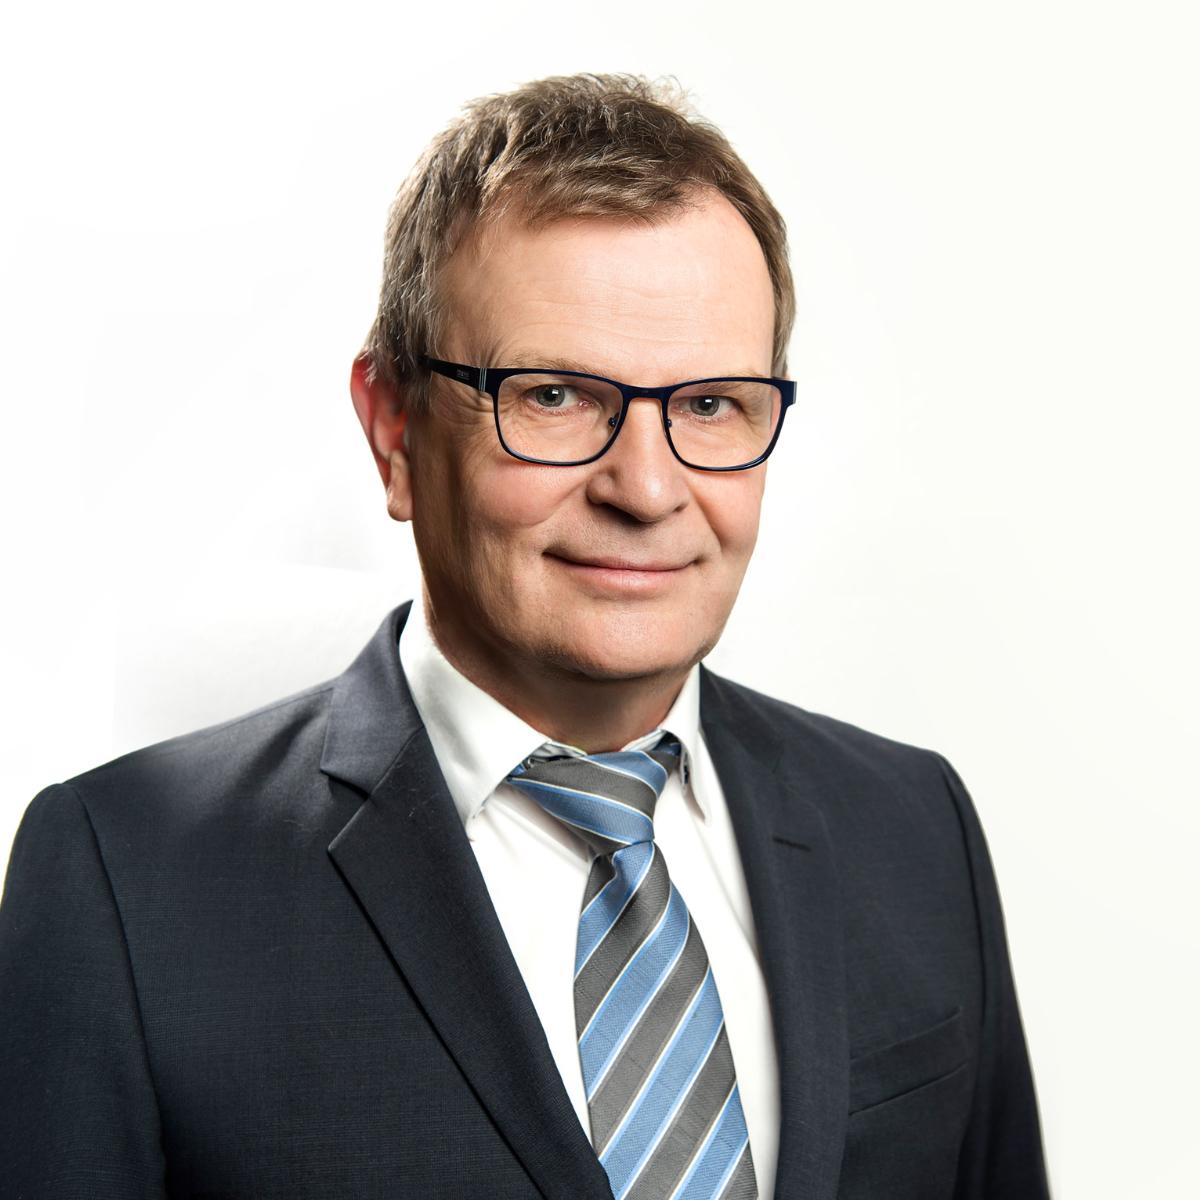 Arnold Wiersbinski